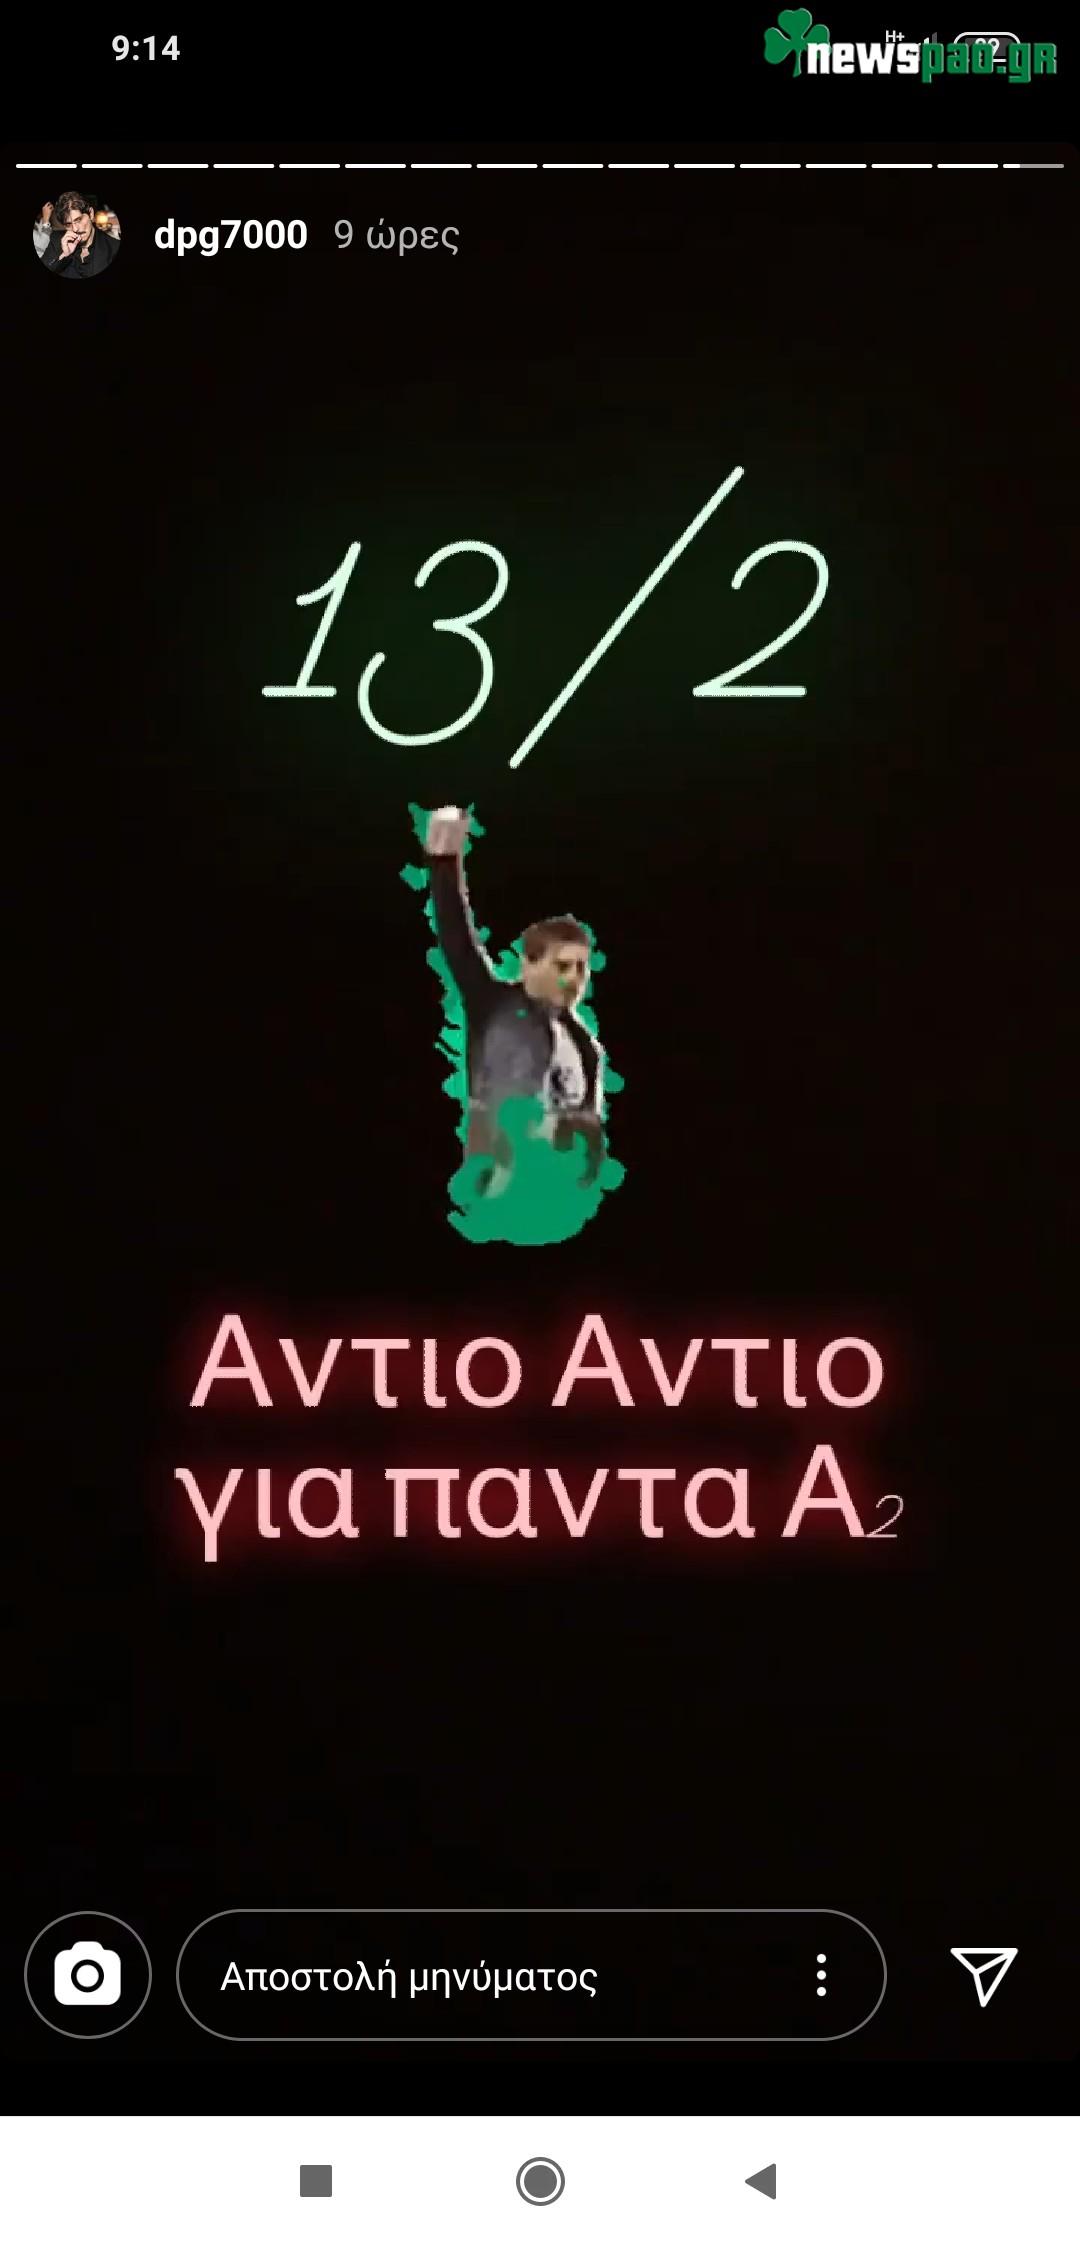 Επέτειος #mexritelous και μήνυμα από Γιαννακόπουλο!